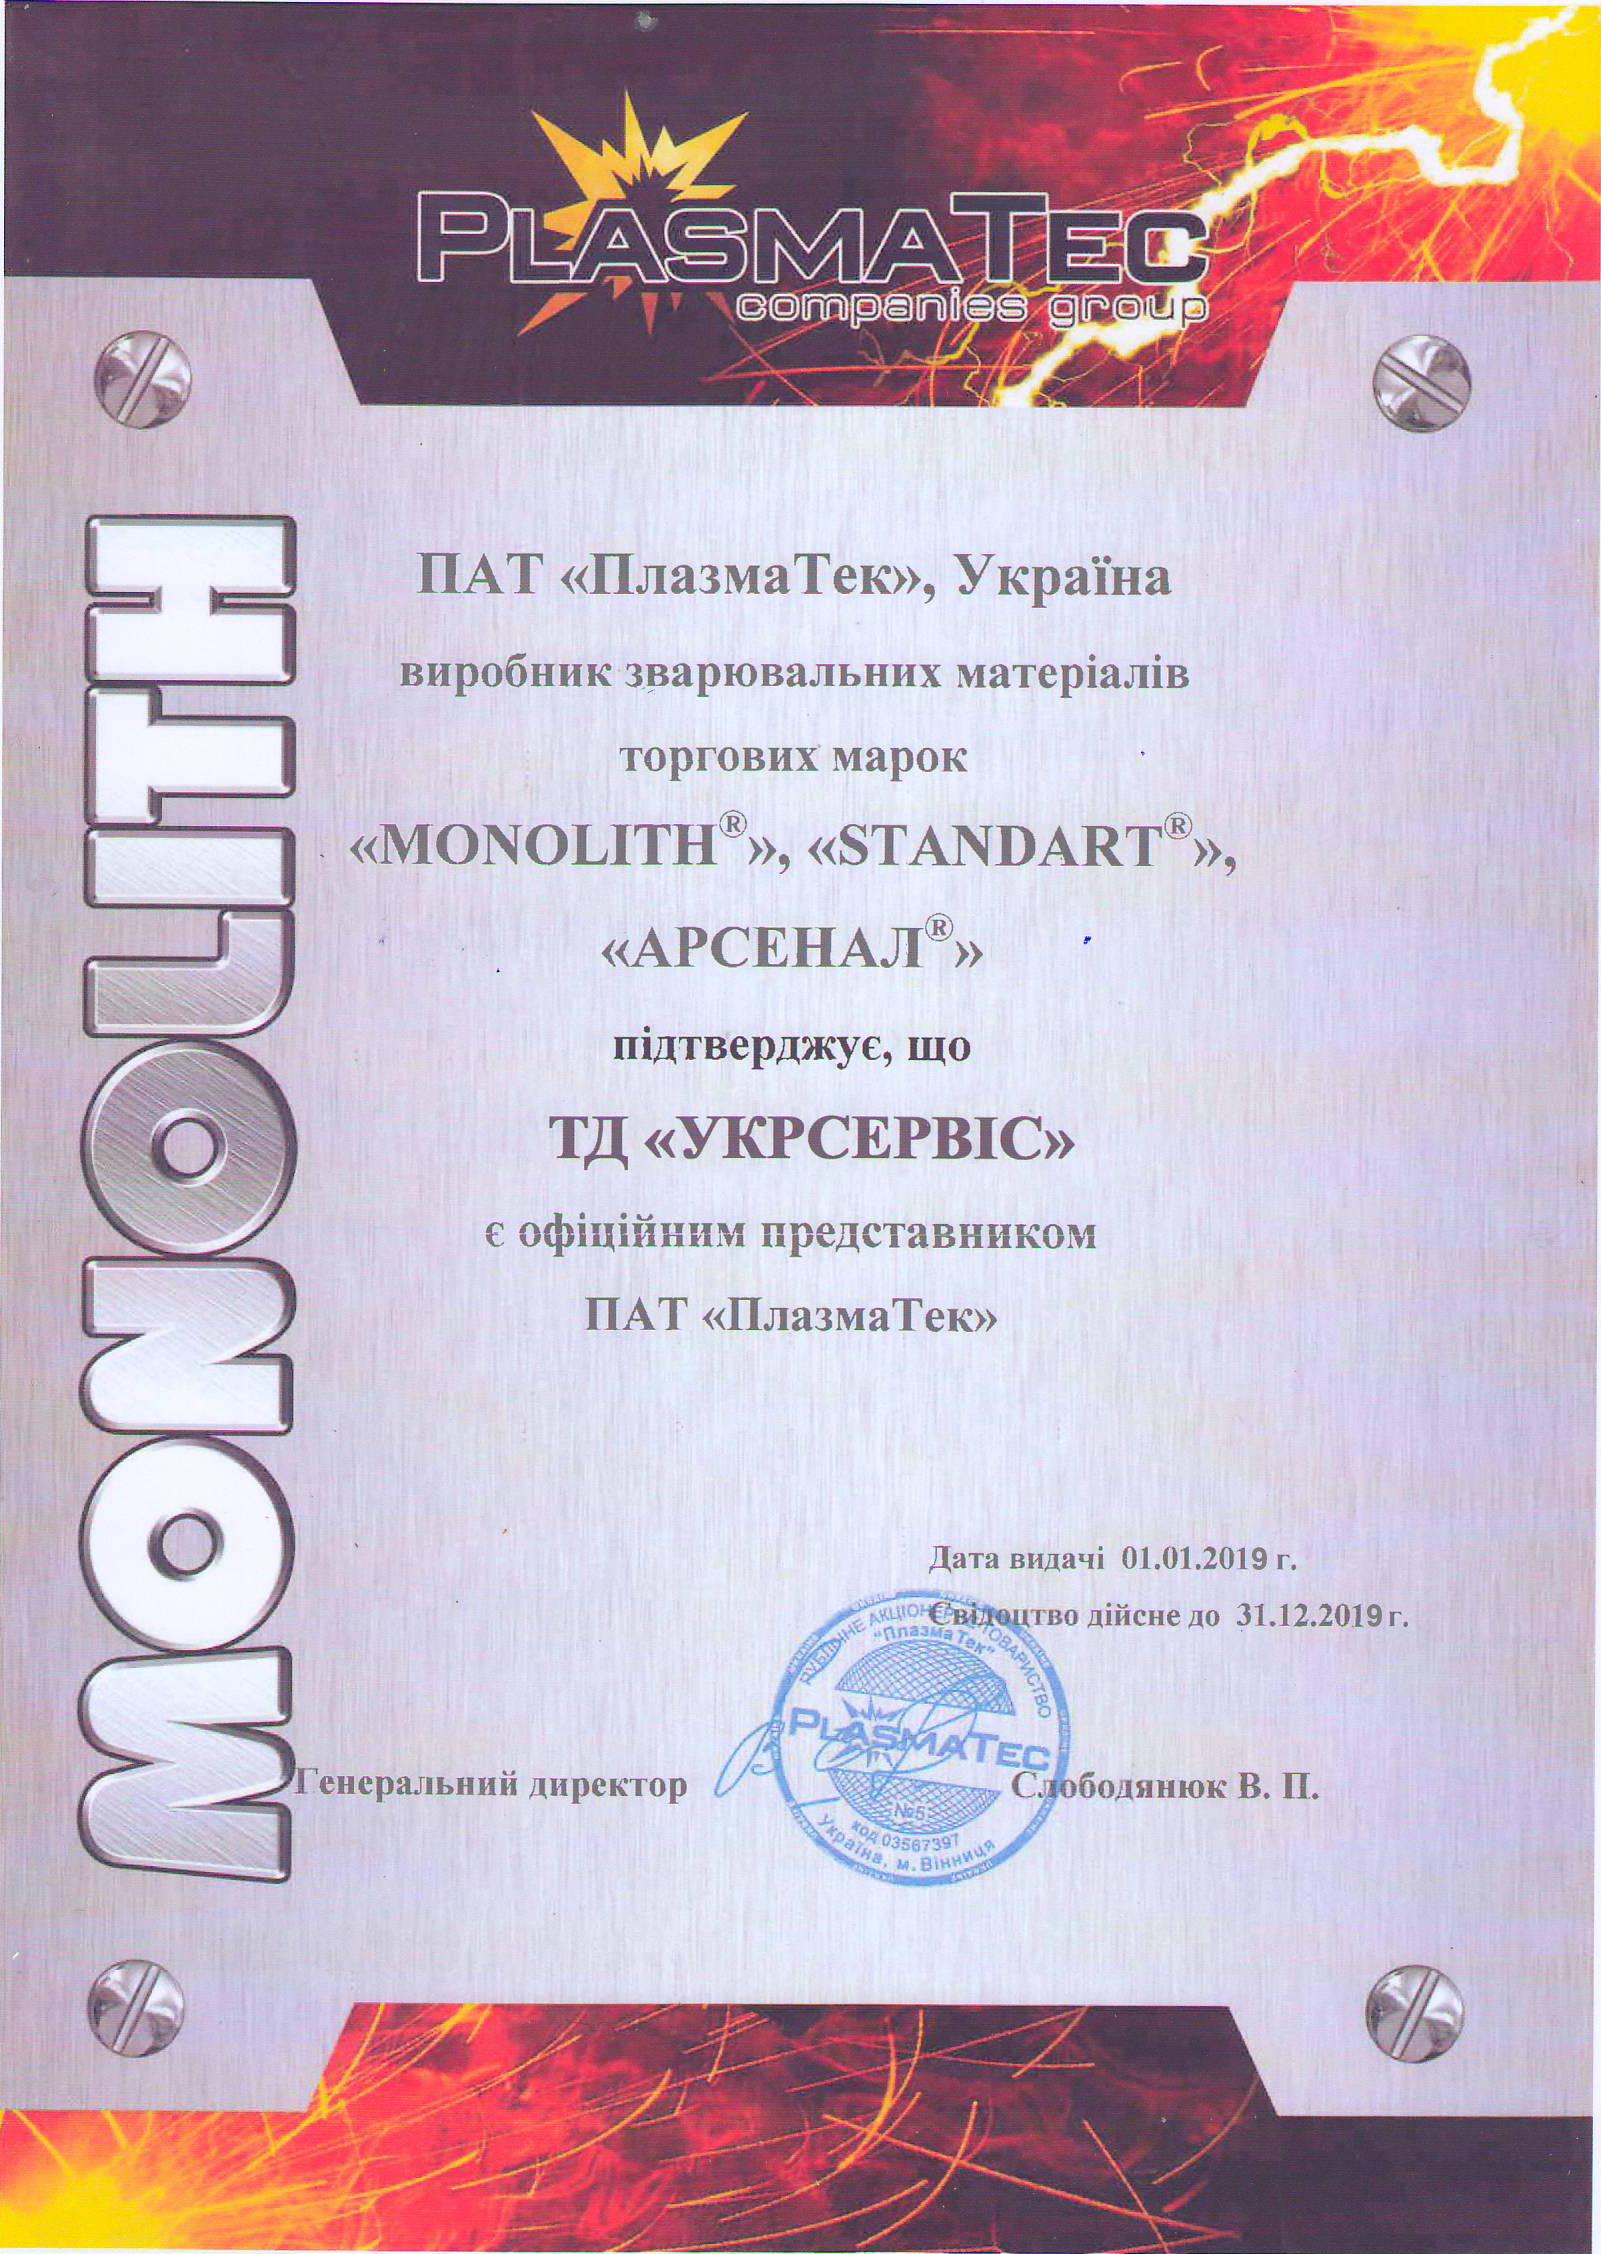 Официальный сертификат дилерства ТД Укрсервис по торговой марке Монолит